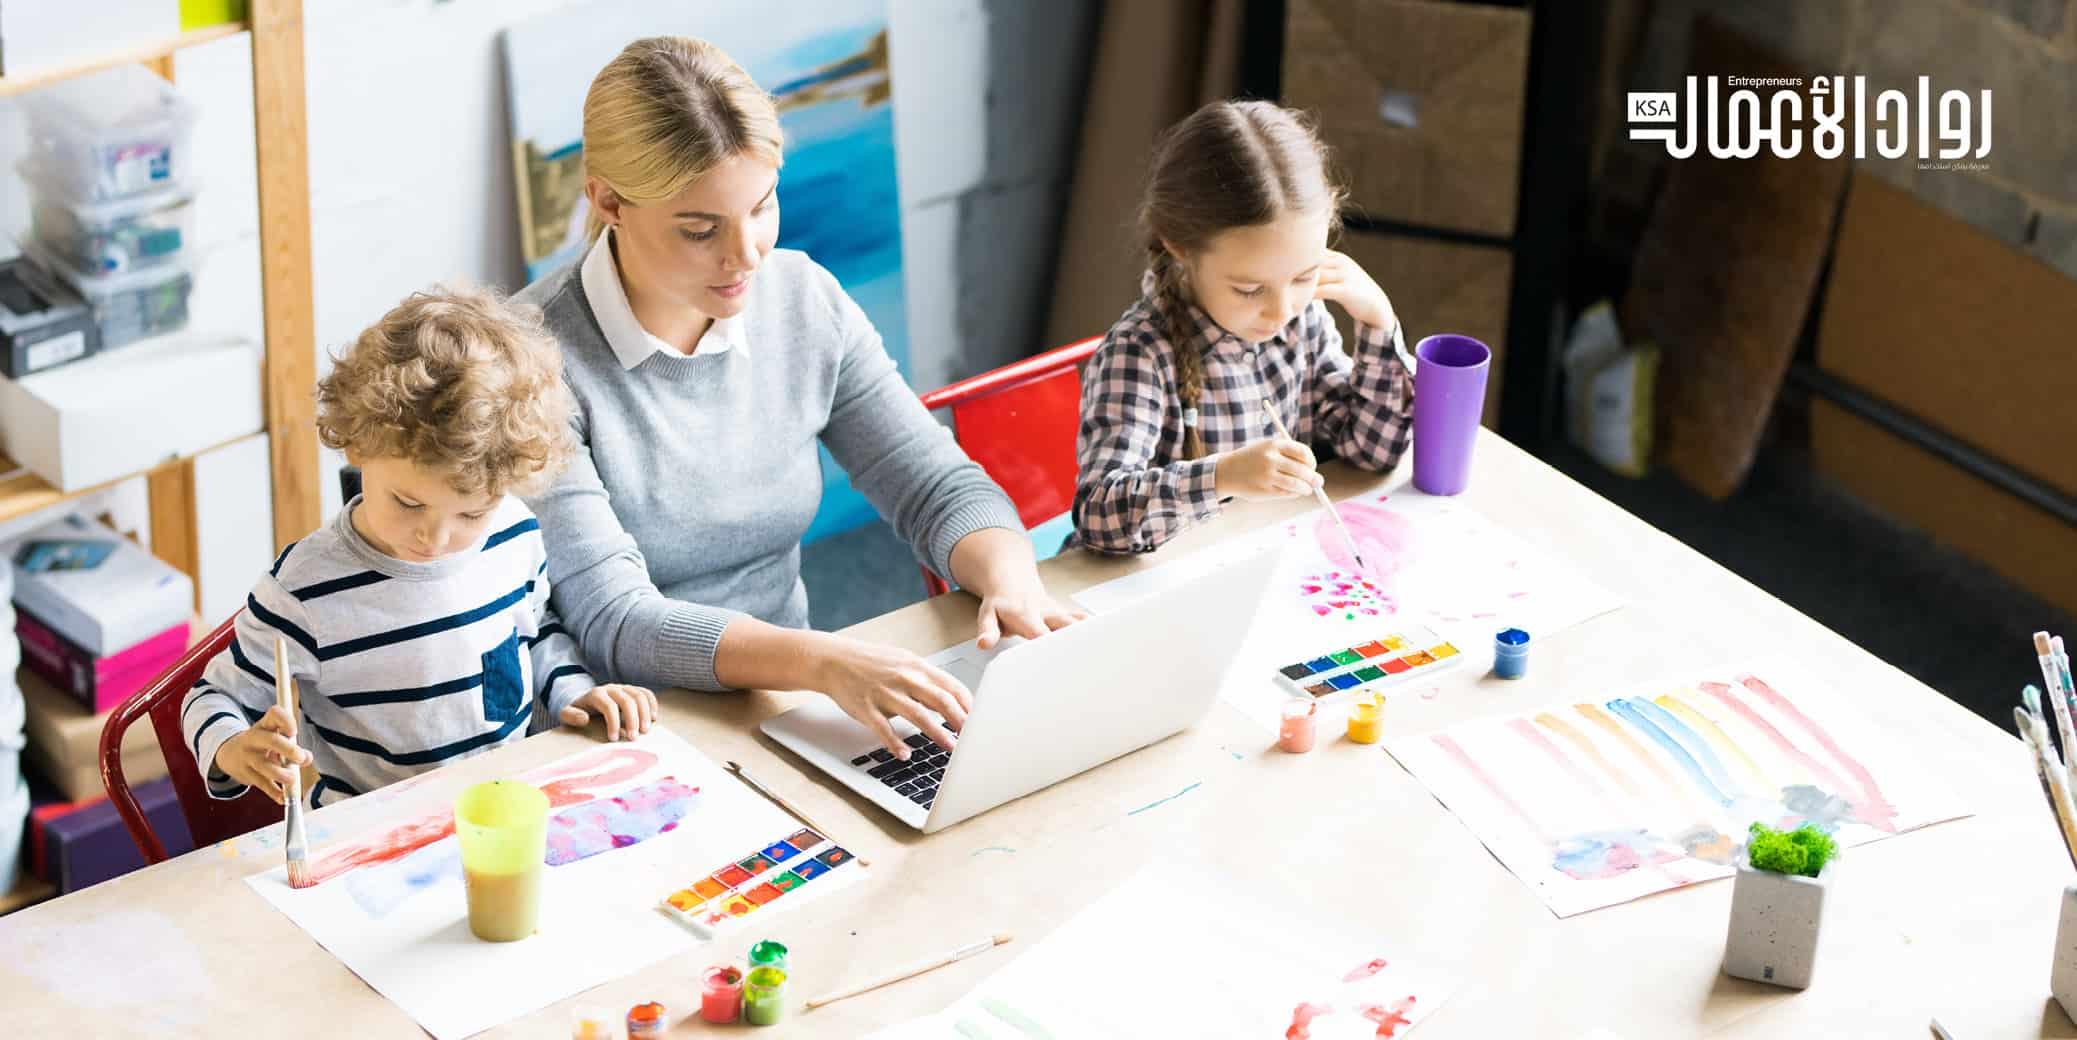 أفكار مشاريع شبابية ناجحة